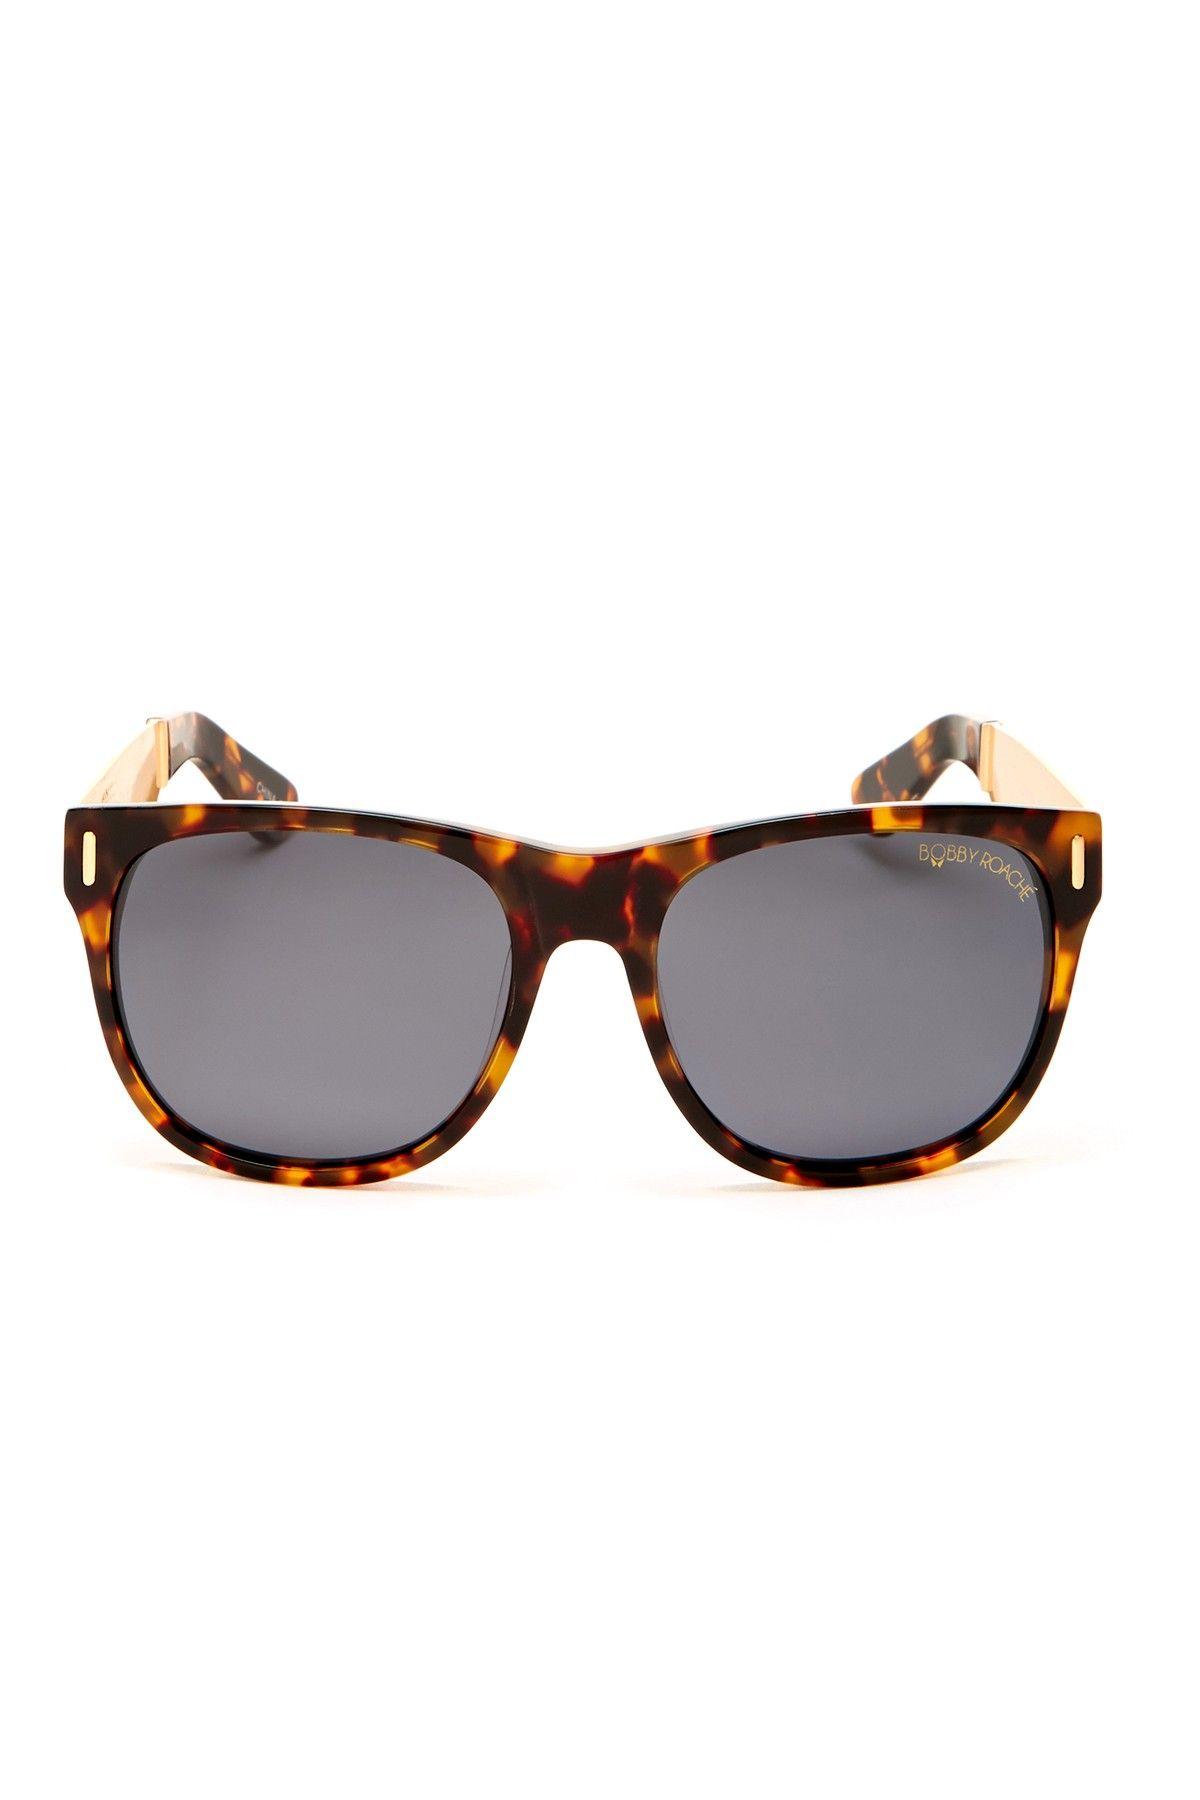 1ff28c5271e Unisex Duomo Wayfarer Sunglasses by Bobby Roache on  nordstrom rack